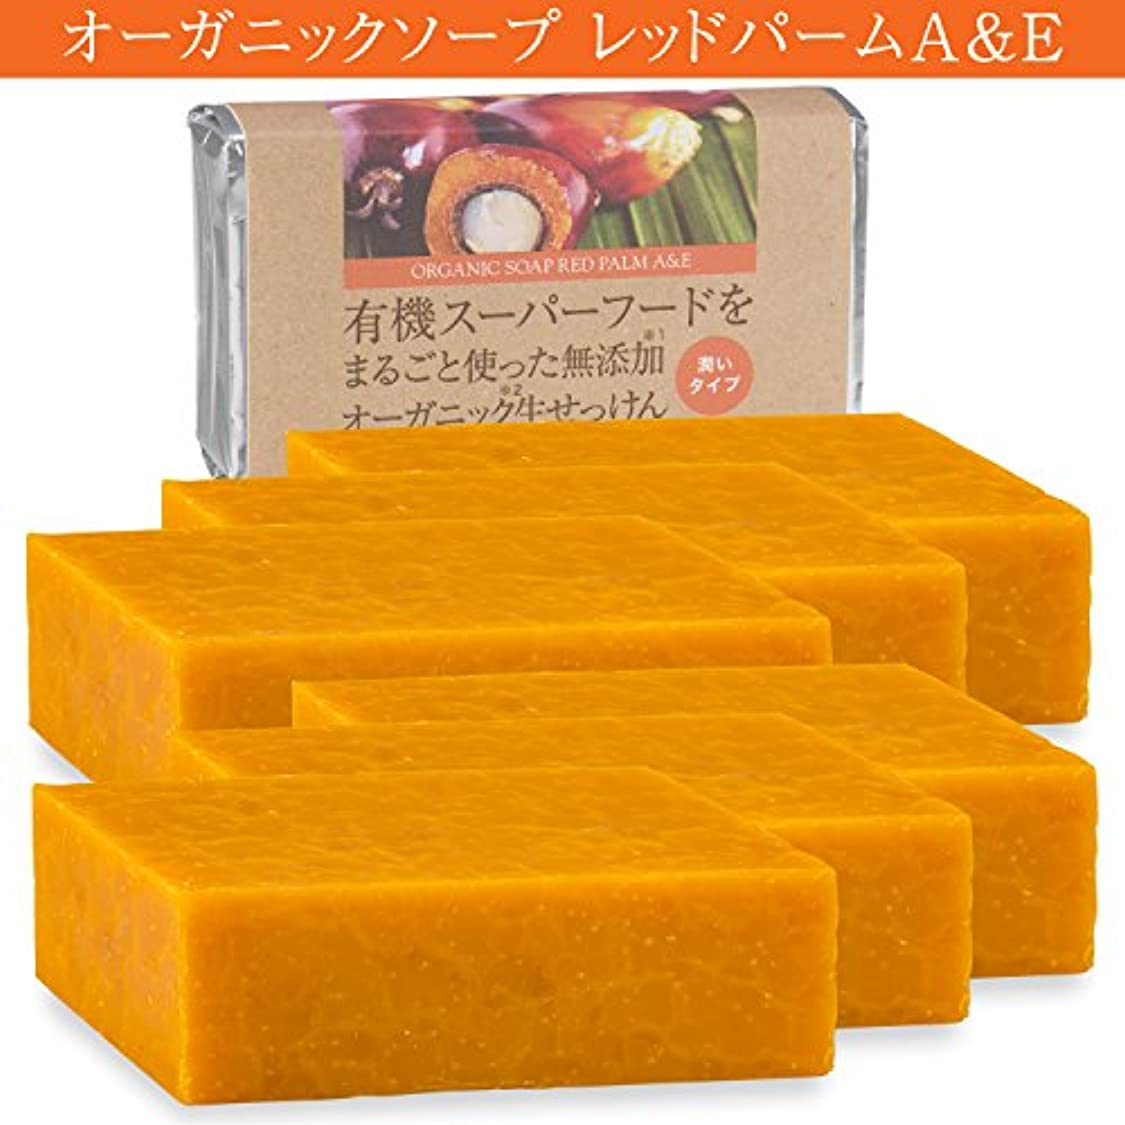 抽象野菜荒らす有機レッドパームオイルをたっぷり使った無添加オーガニック生せっけん(枠練)Organic Raw Soap Red Palm A&E 80g 6個コールドプロセス製法 (日本製)メール便